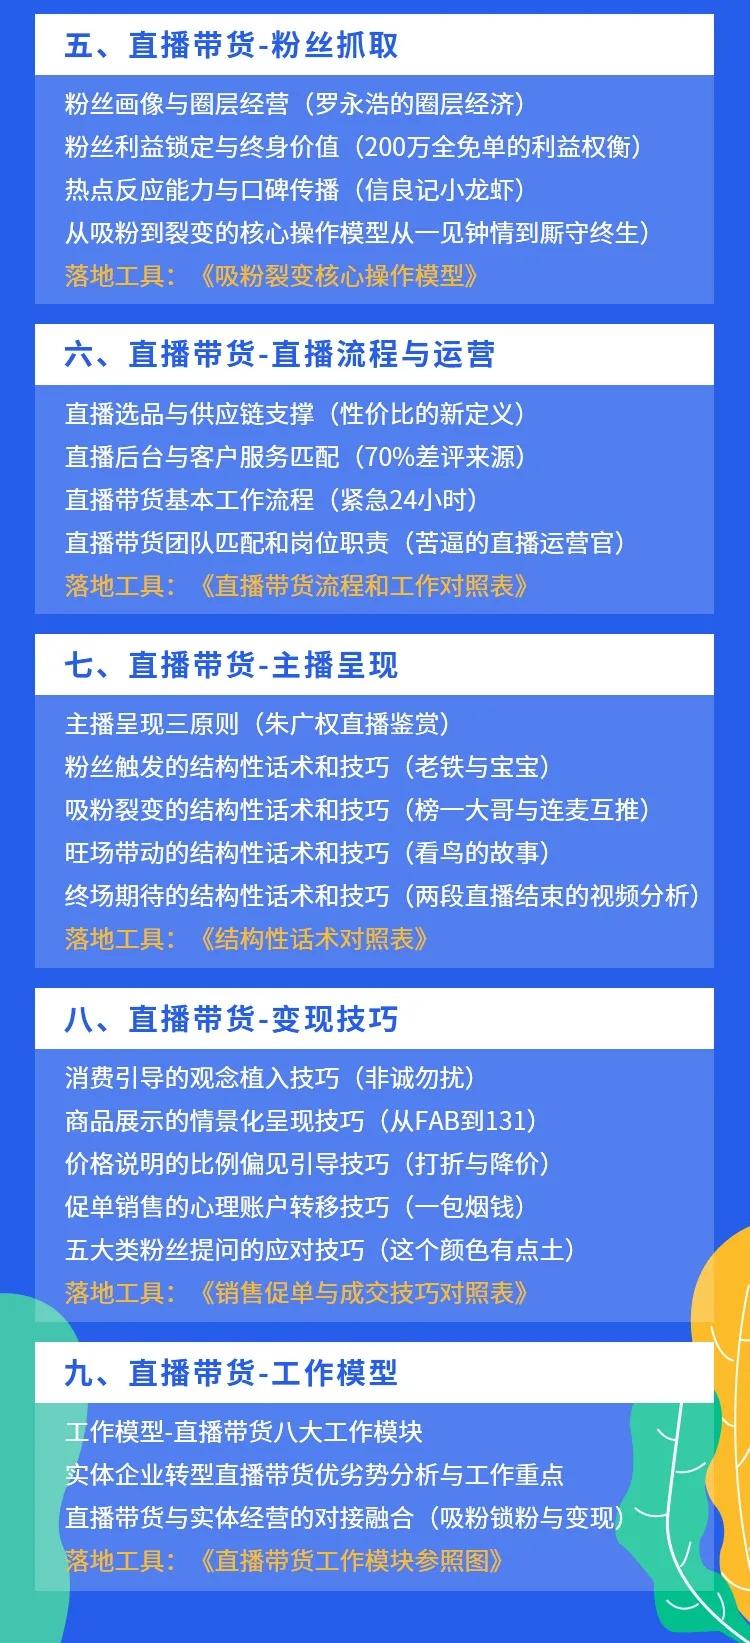 李中生3.webp